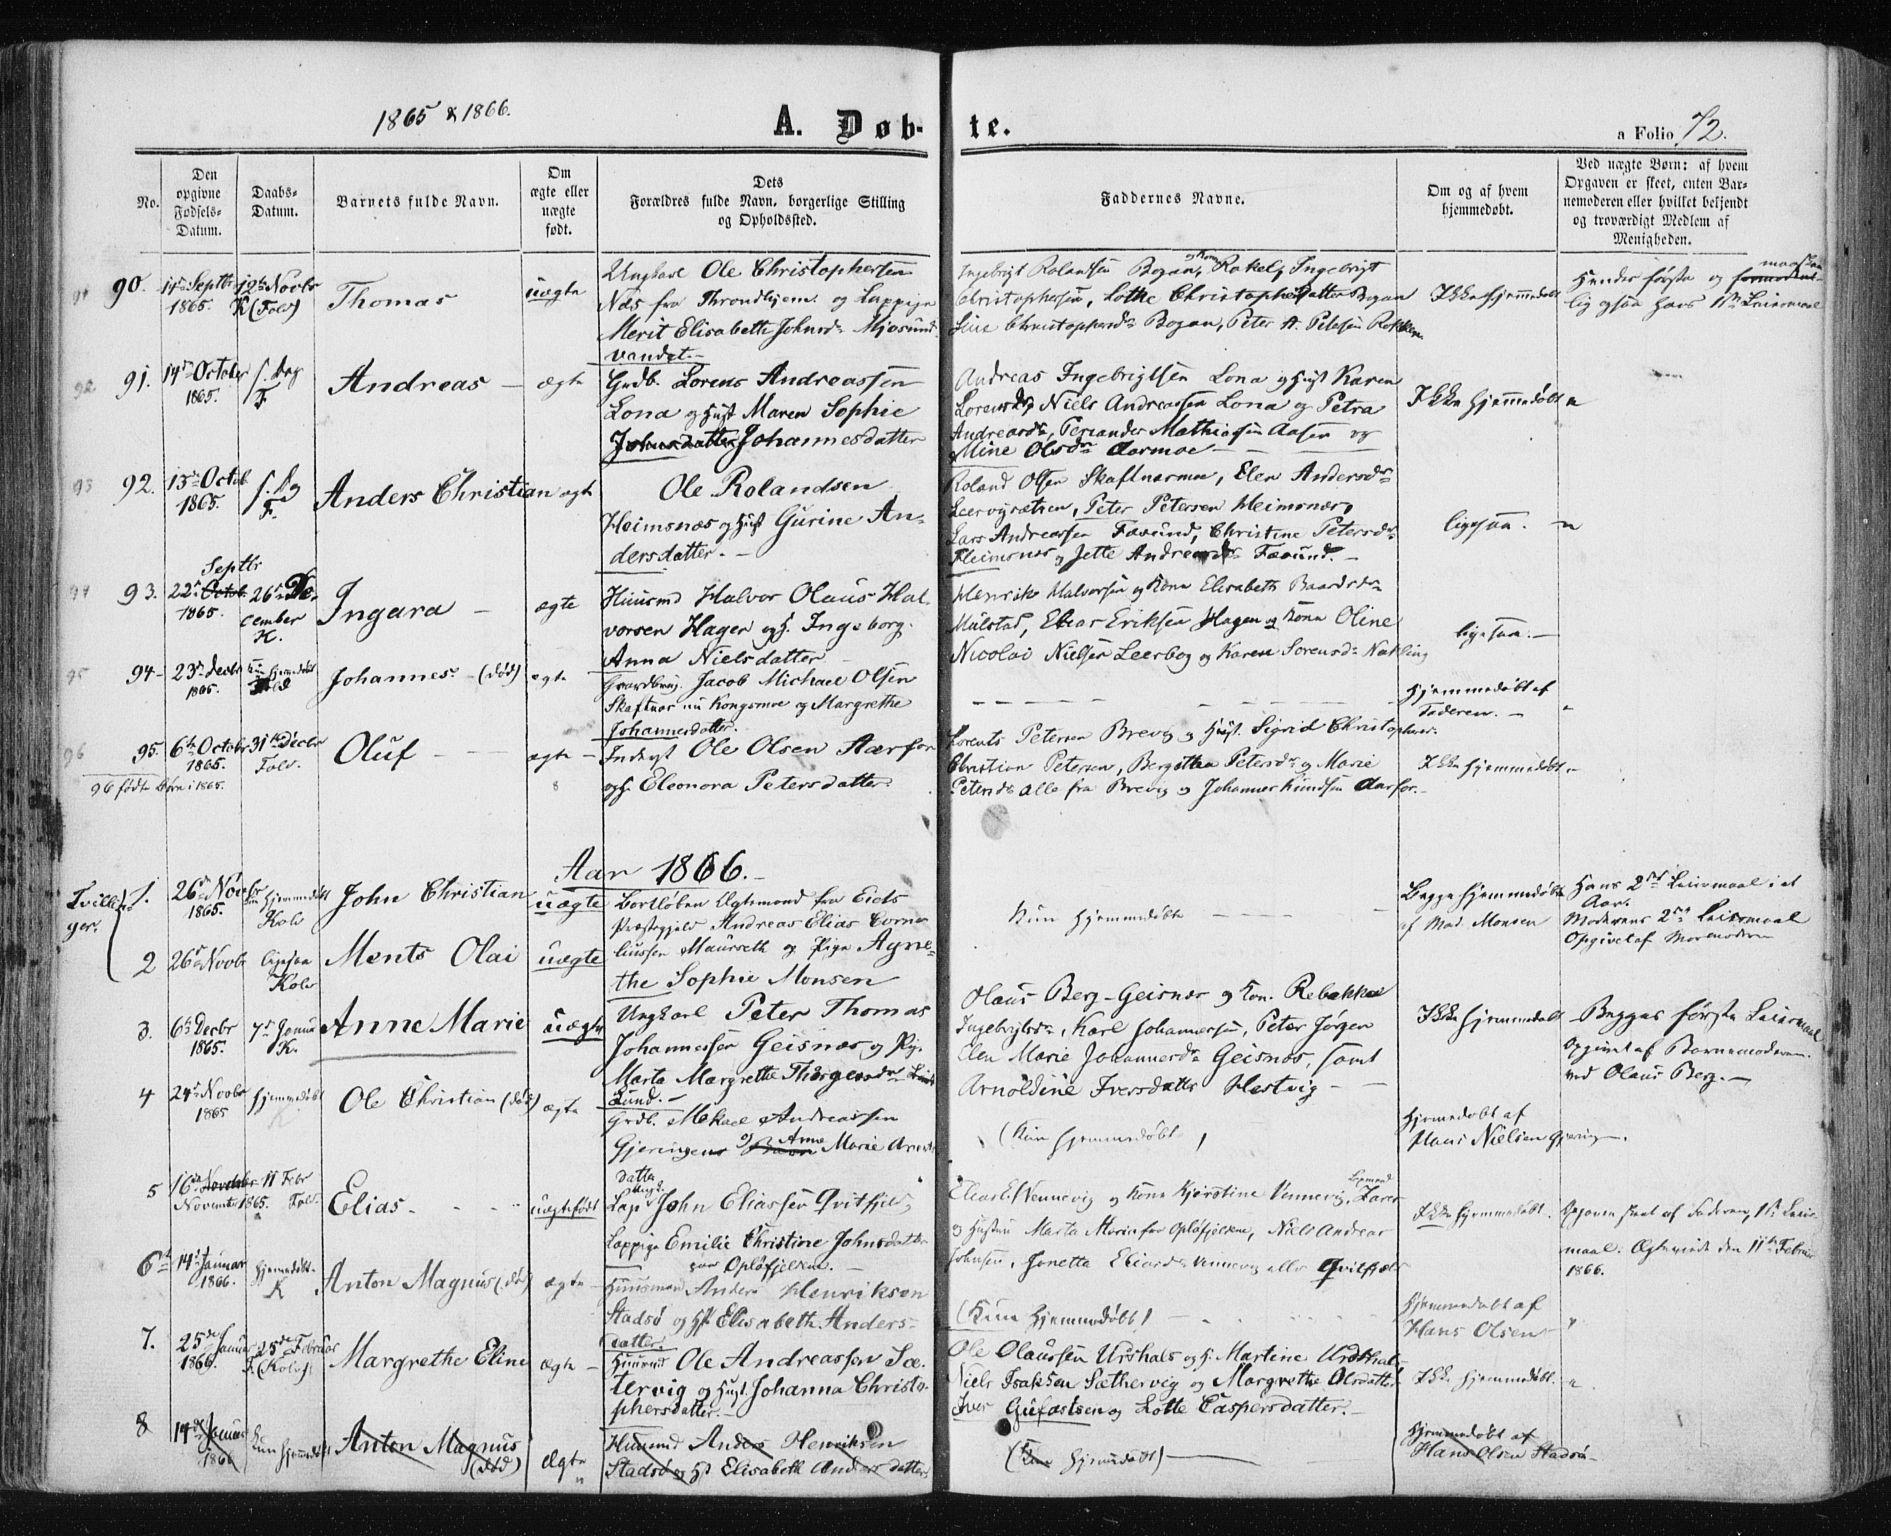 SAT, Ministerialprotokoller, klokkerbøker og fødselsregistre - Nord-Trøndelag, 780/L0641: Ministerialbok nr. 780A06, 1857-1874, s. 72